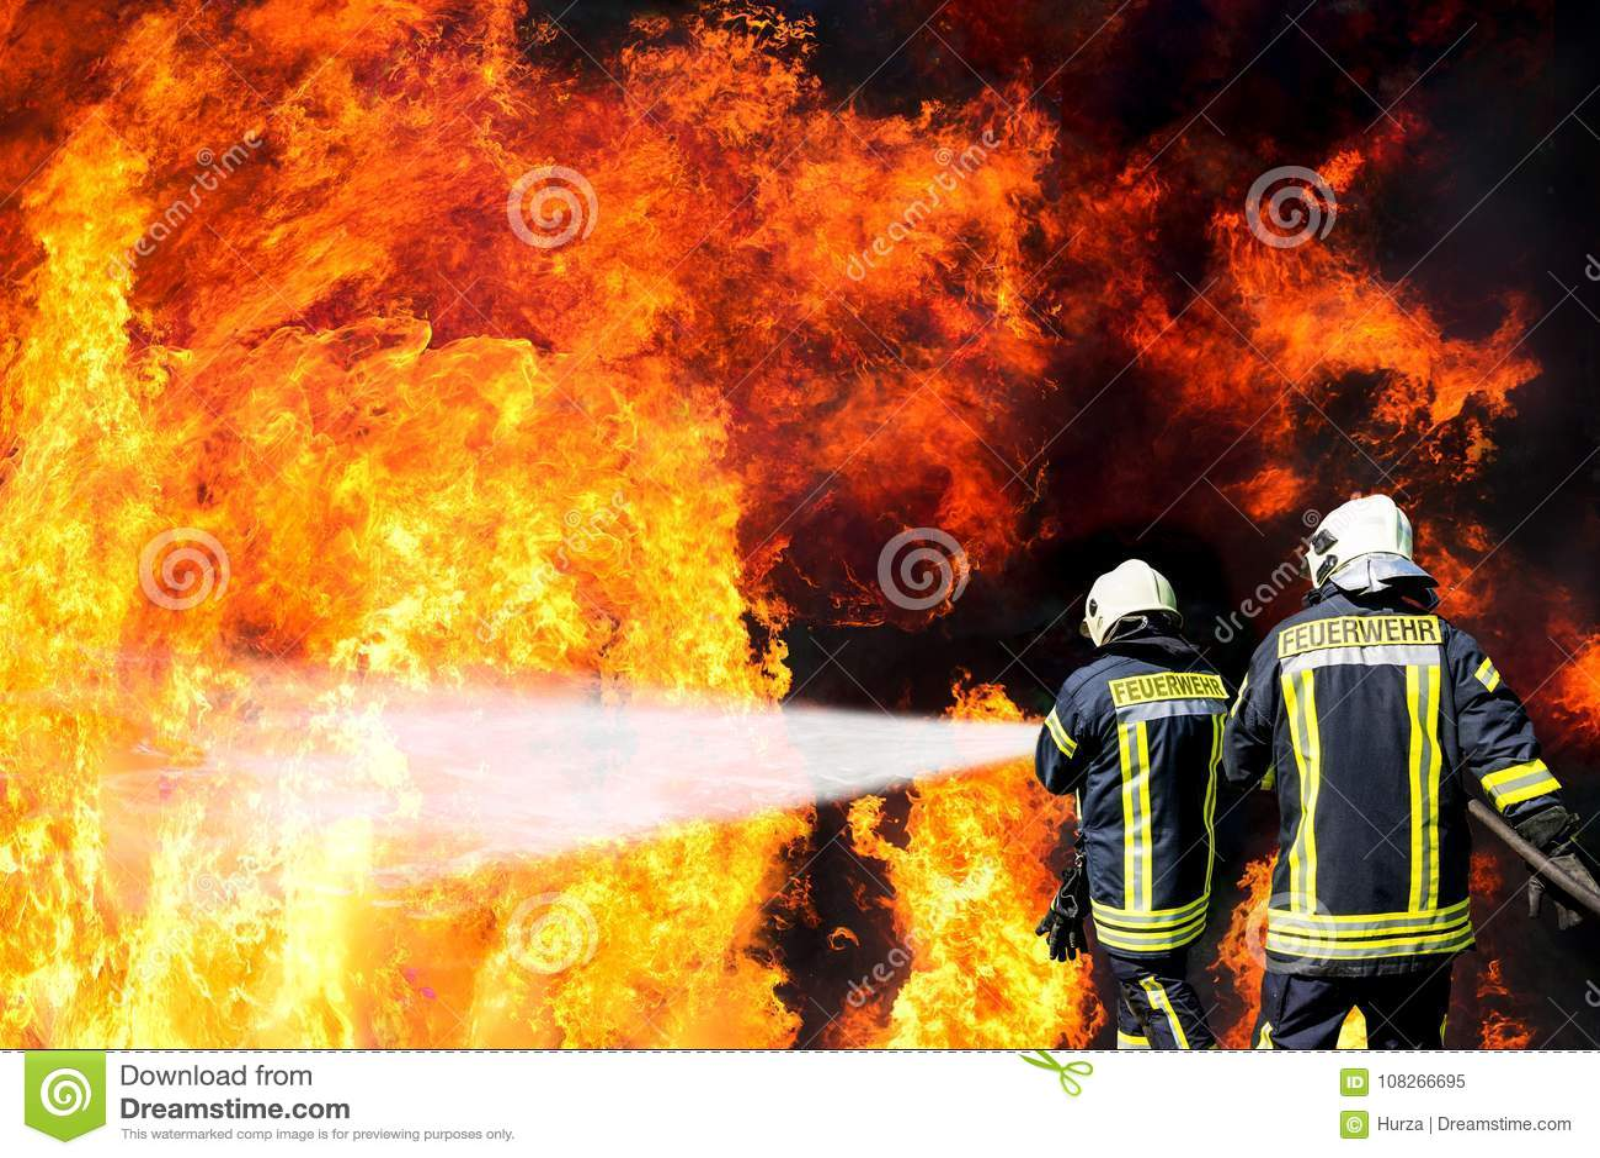 German firefighters